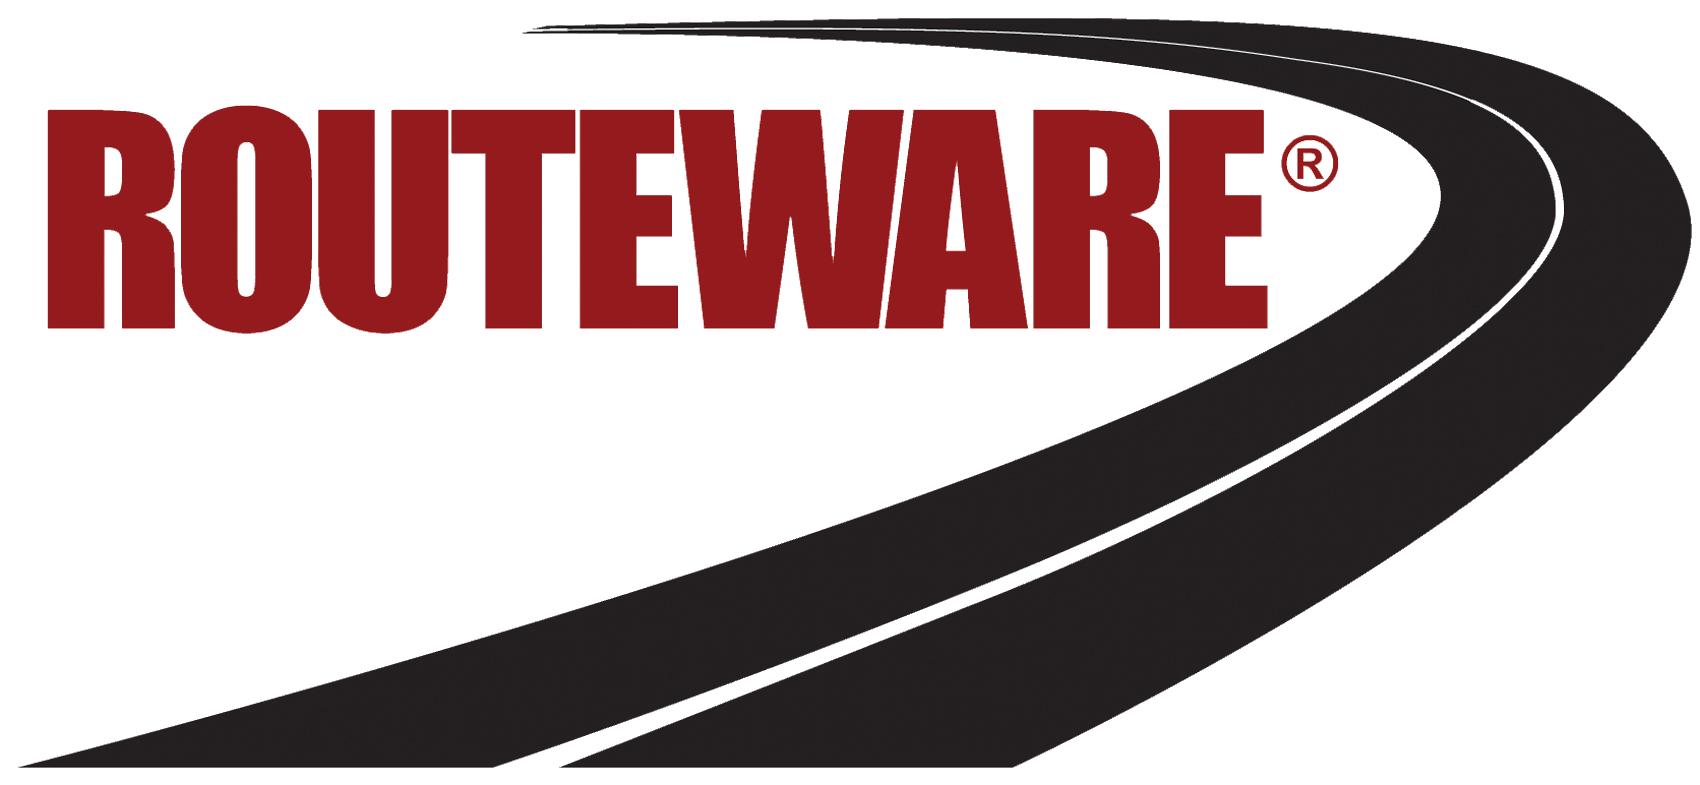 Routeware, Inc